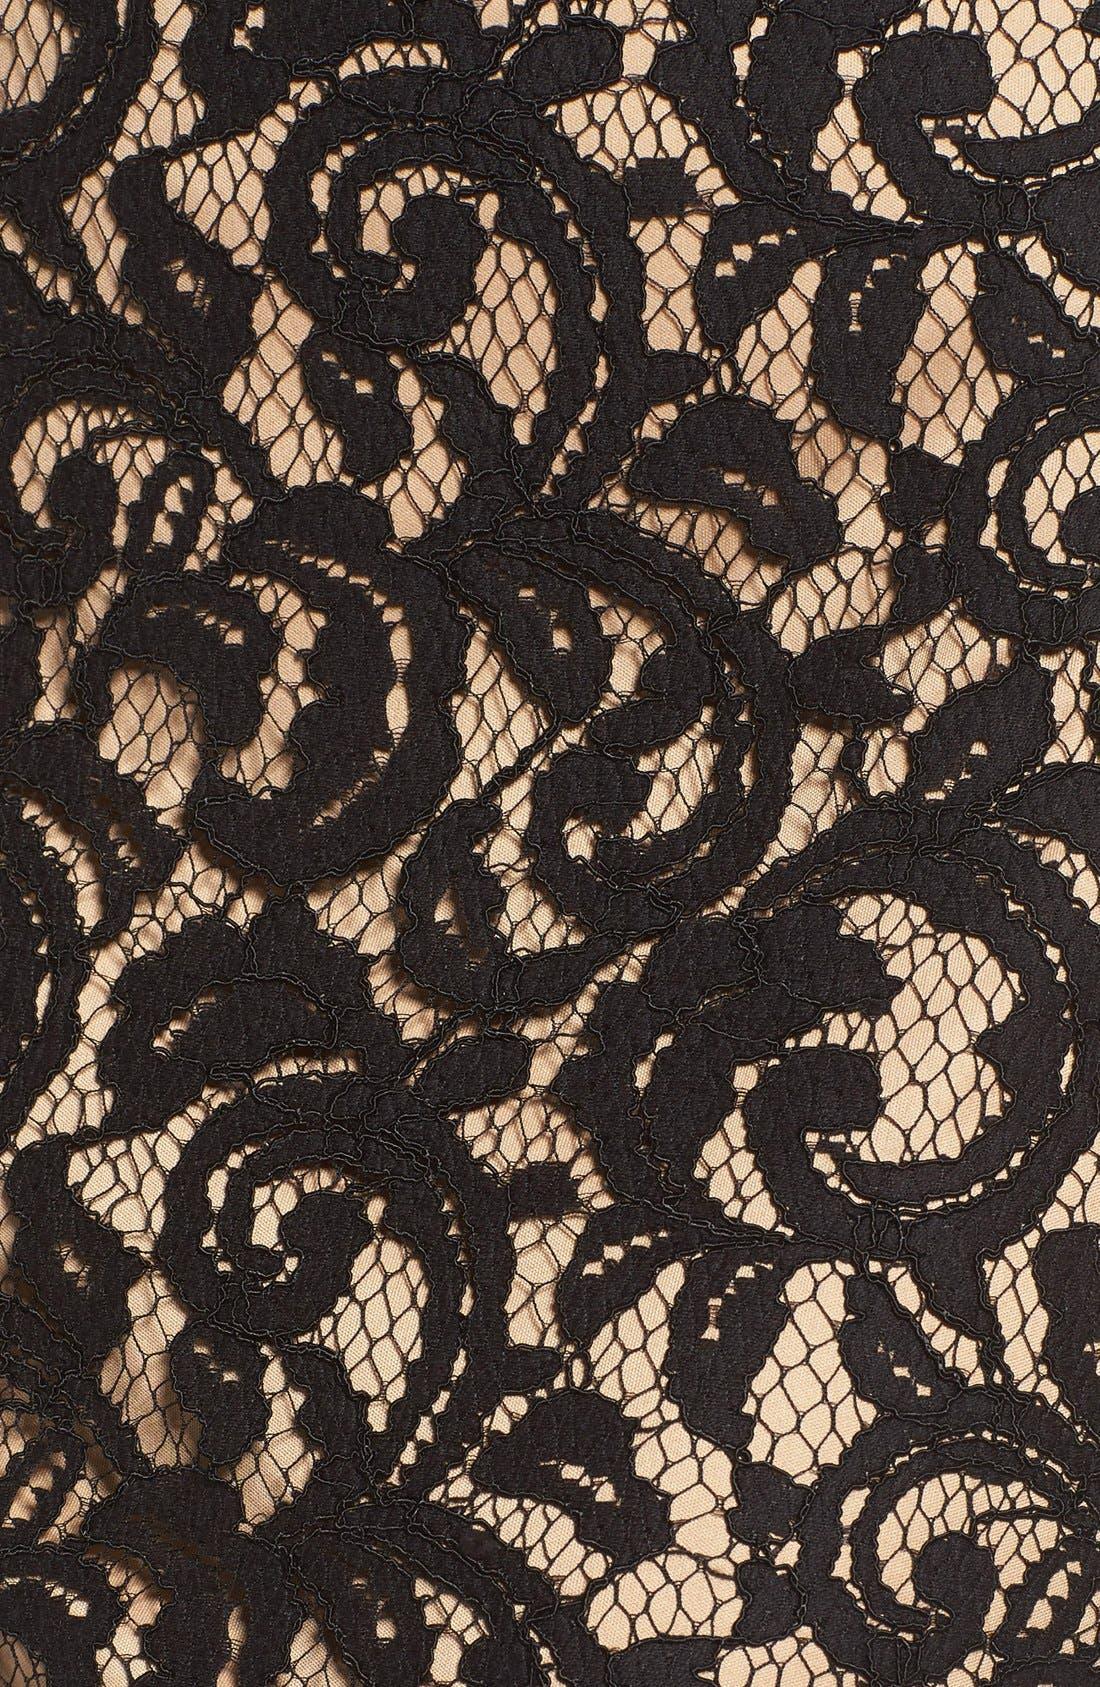 Pleat Waist Lace Blouson Dress,                             Alternate thumbnail 6, color,                             004